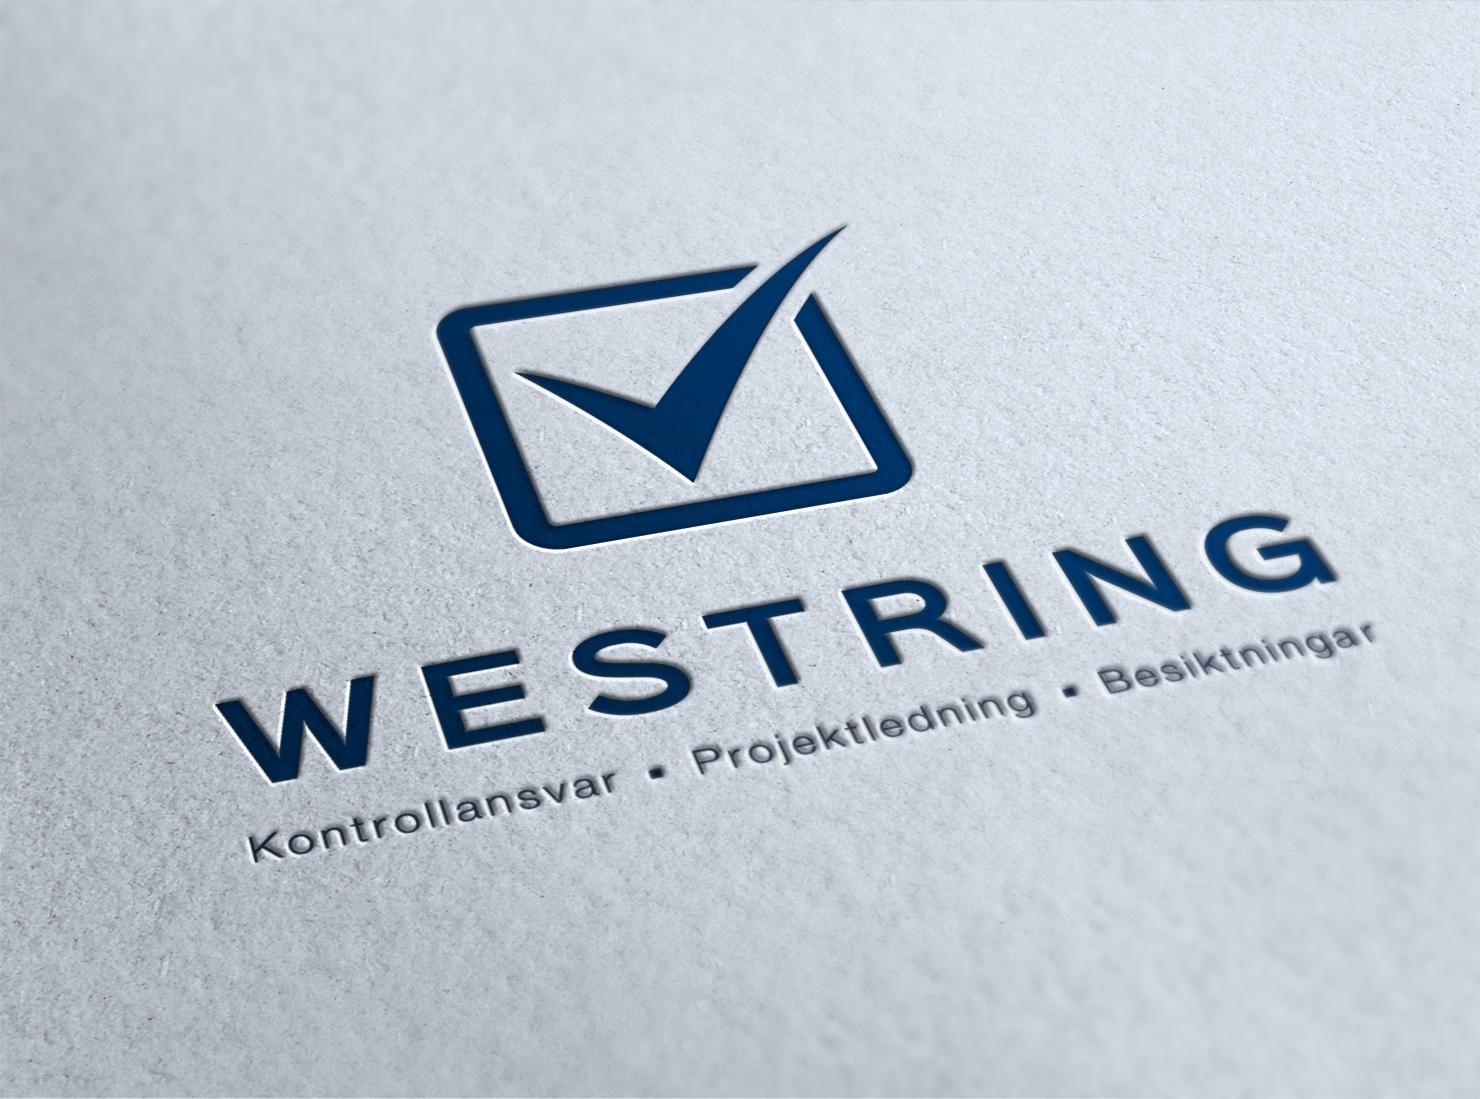 Westring